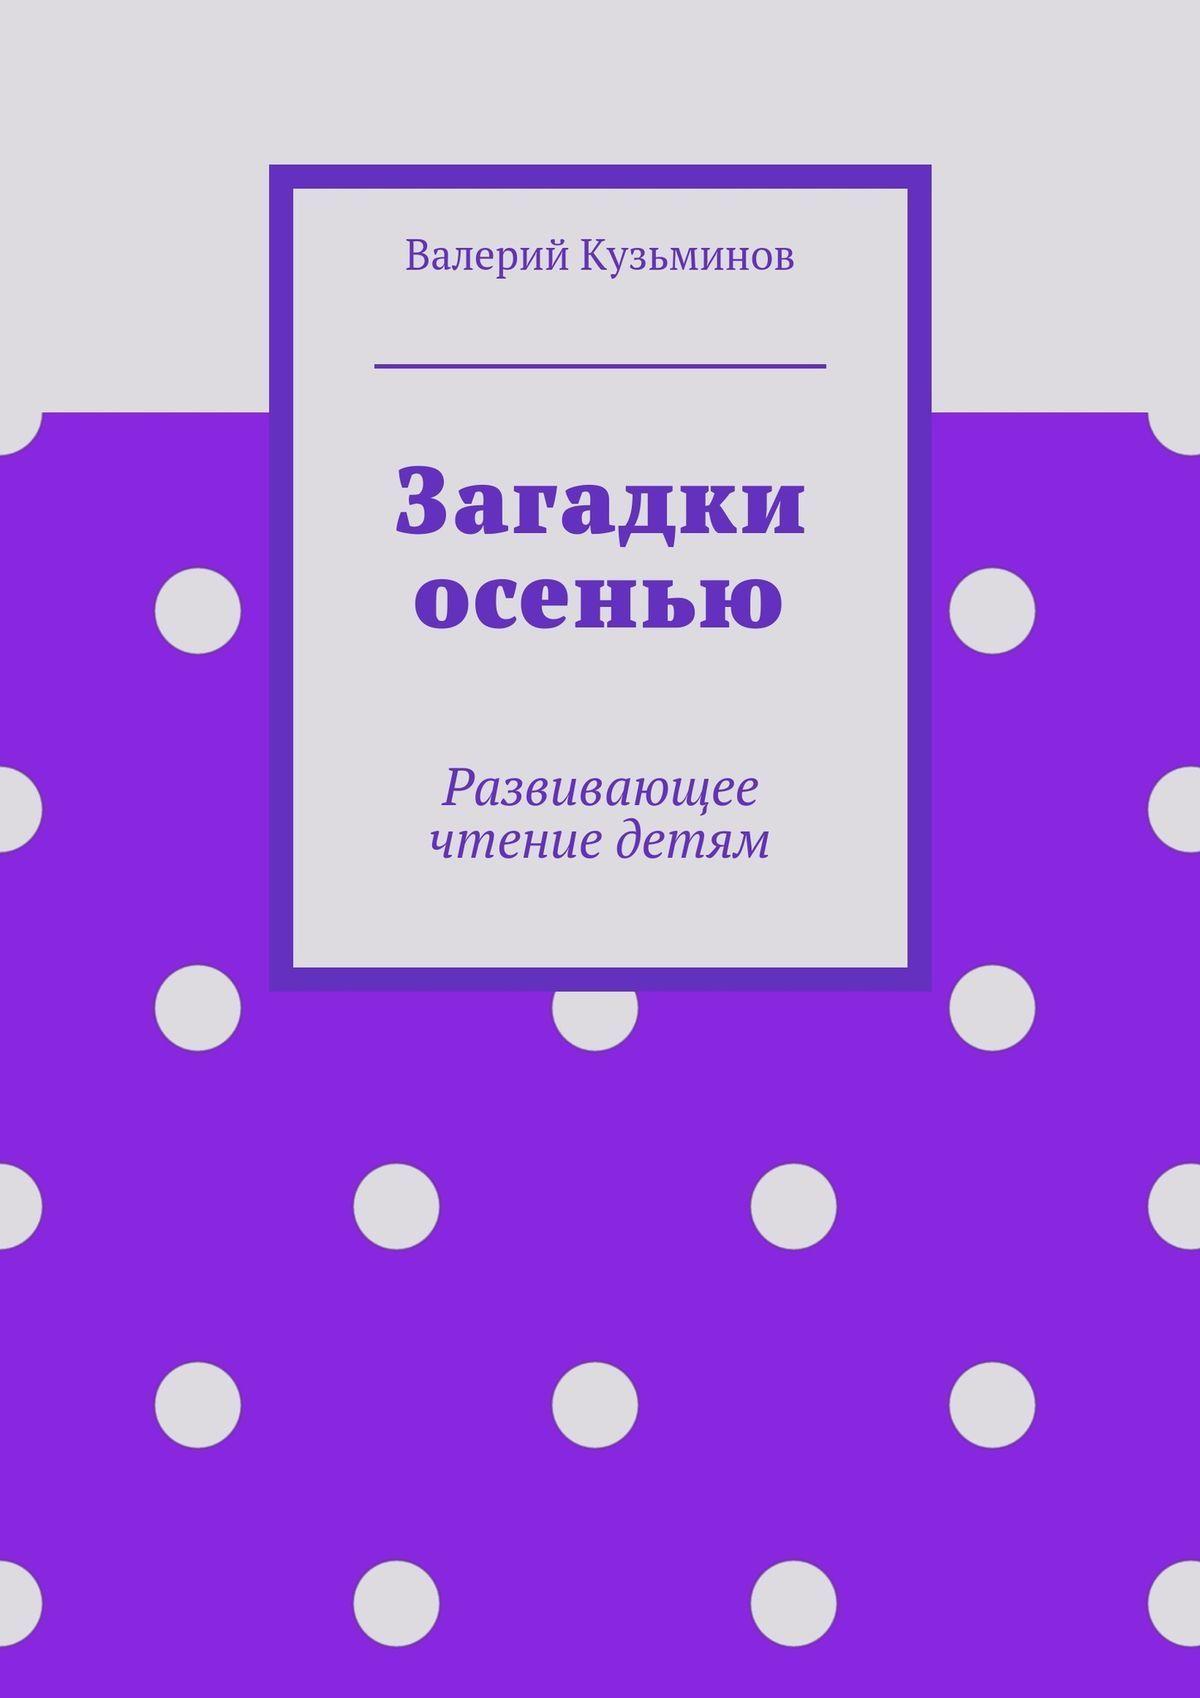 Валерий Кузьминов - Загадки осенью